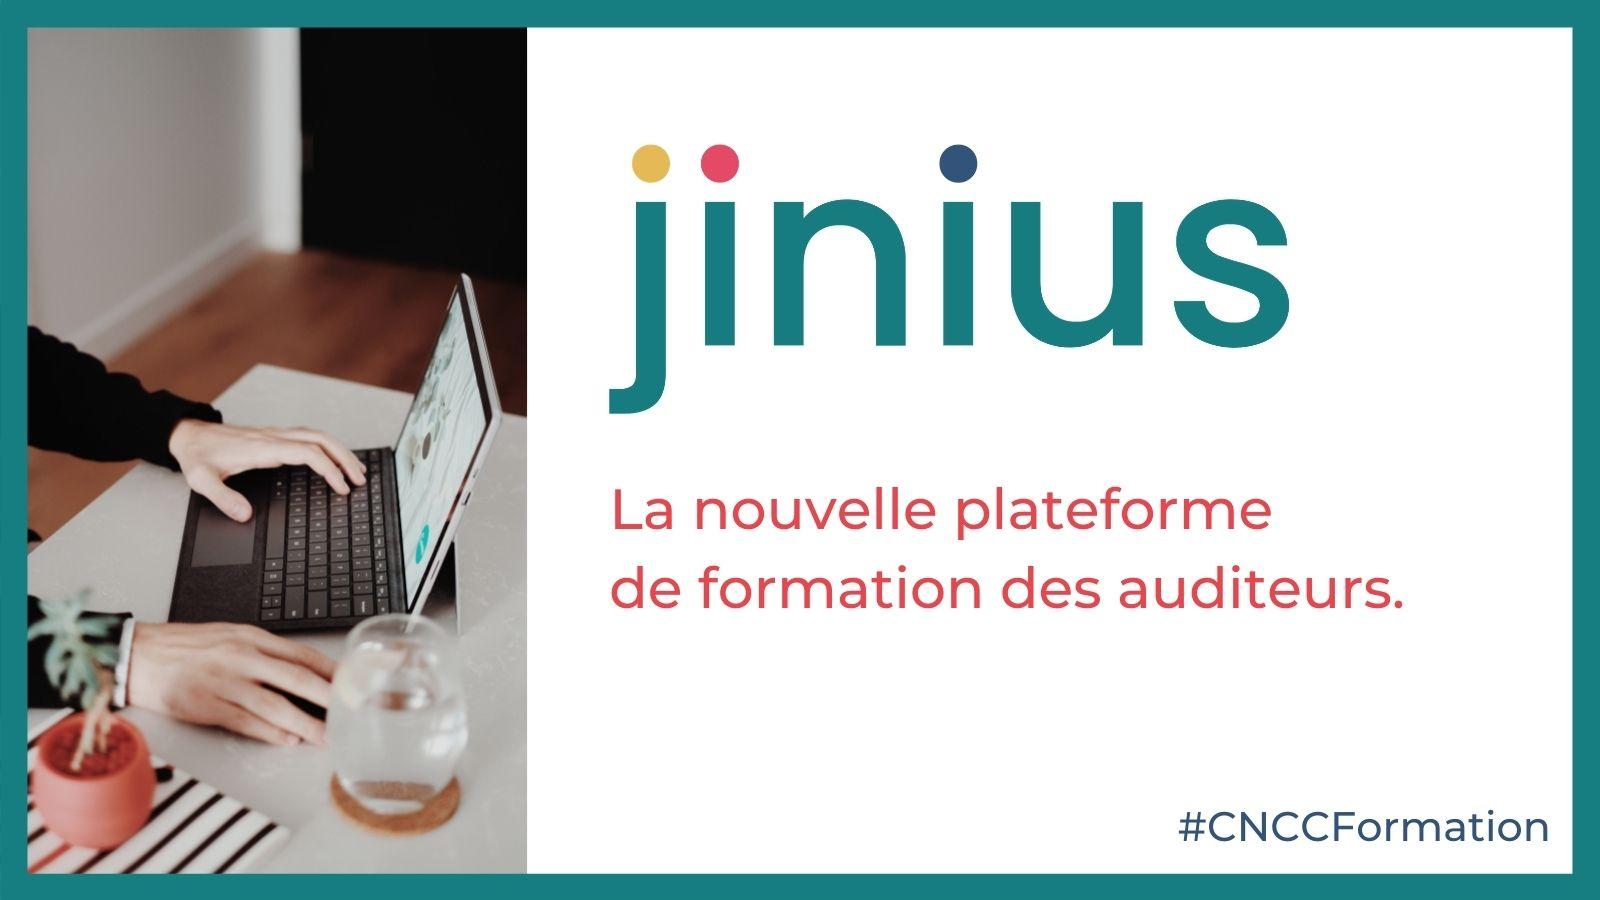 Jinius